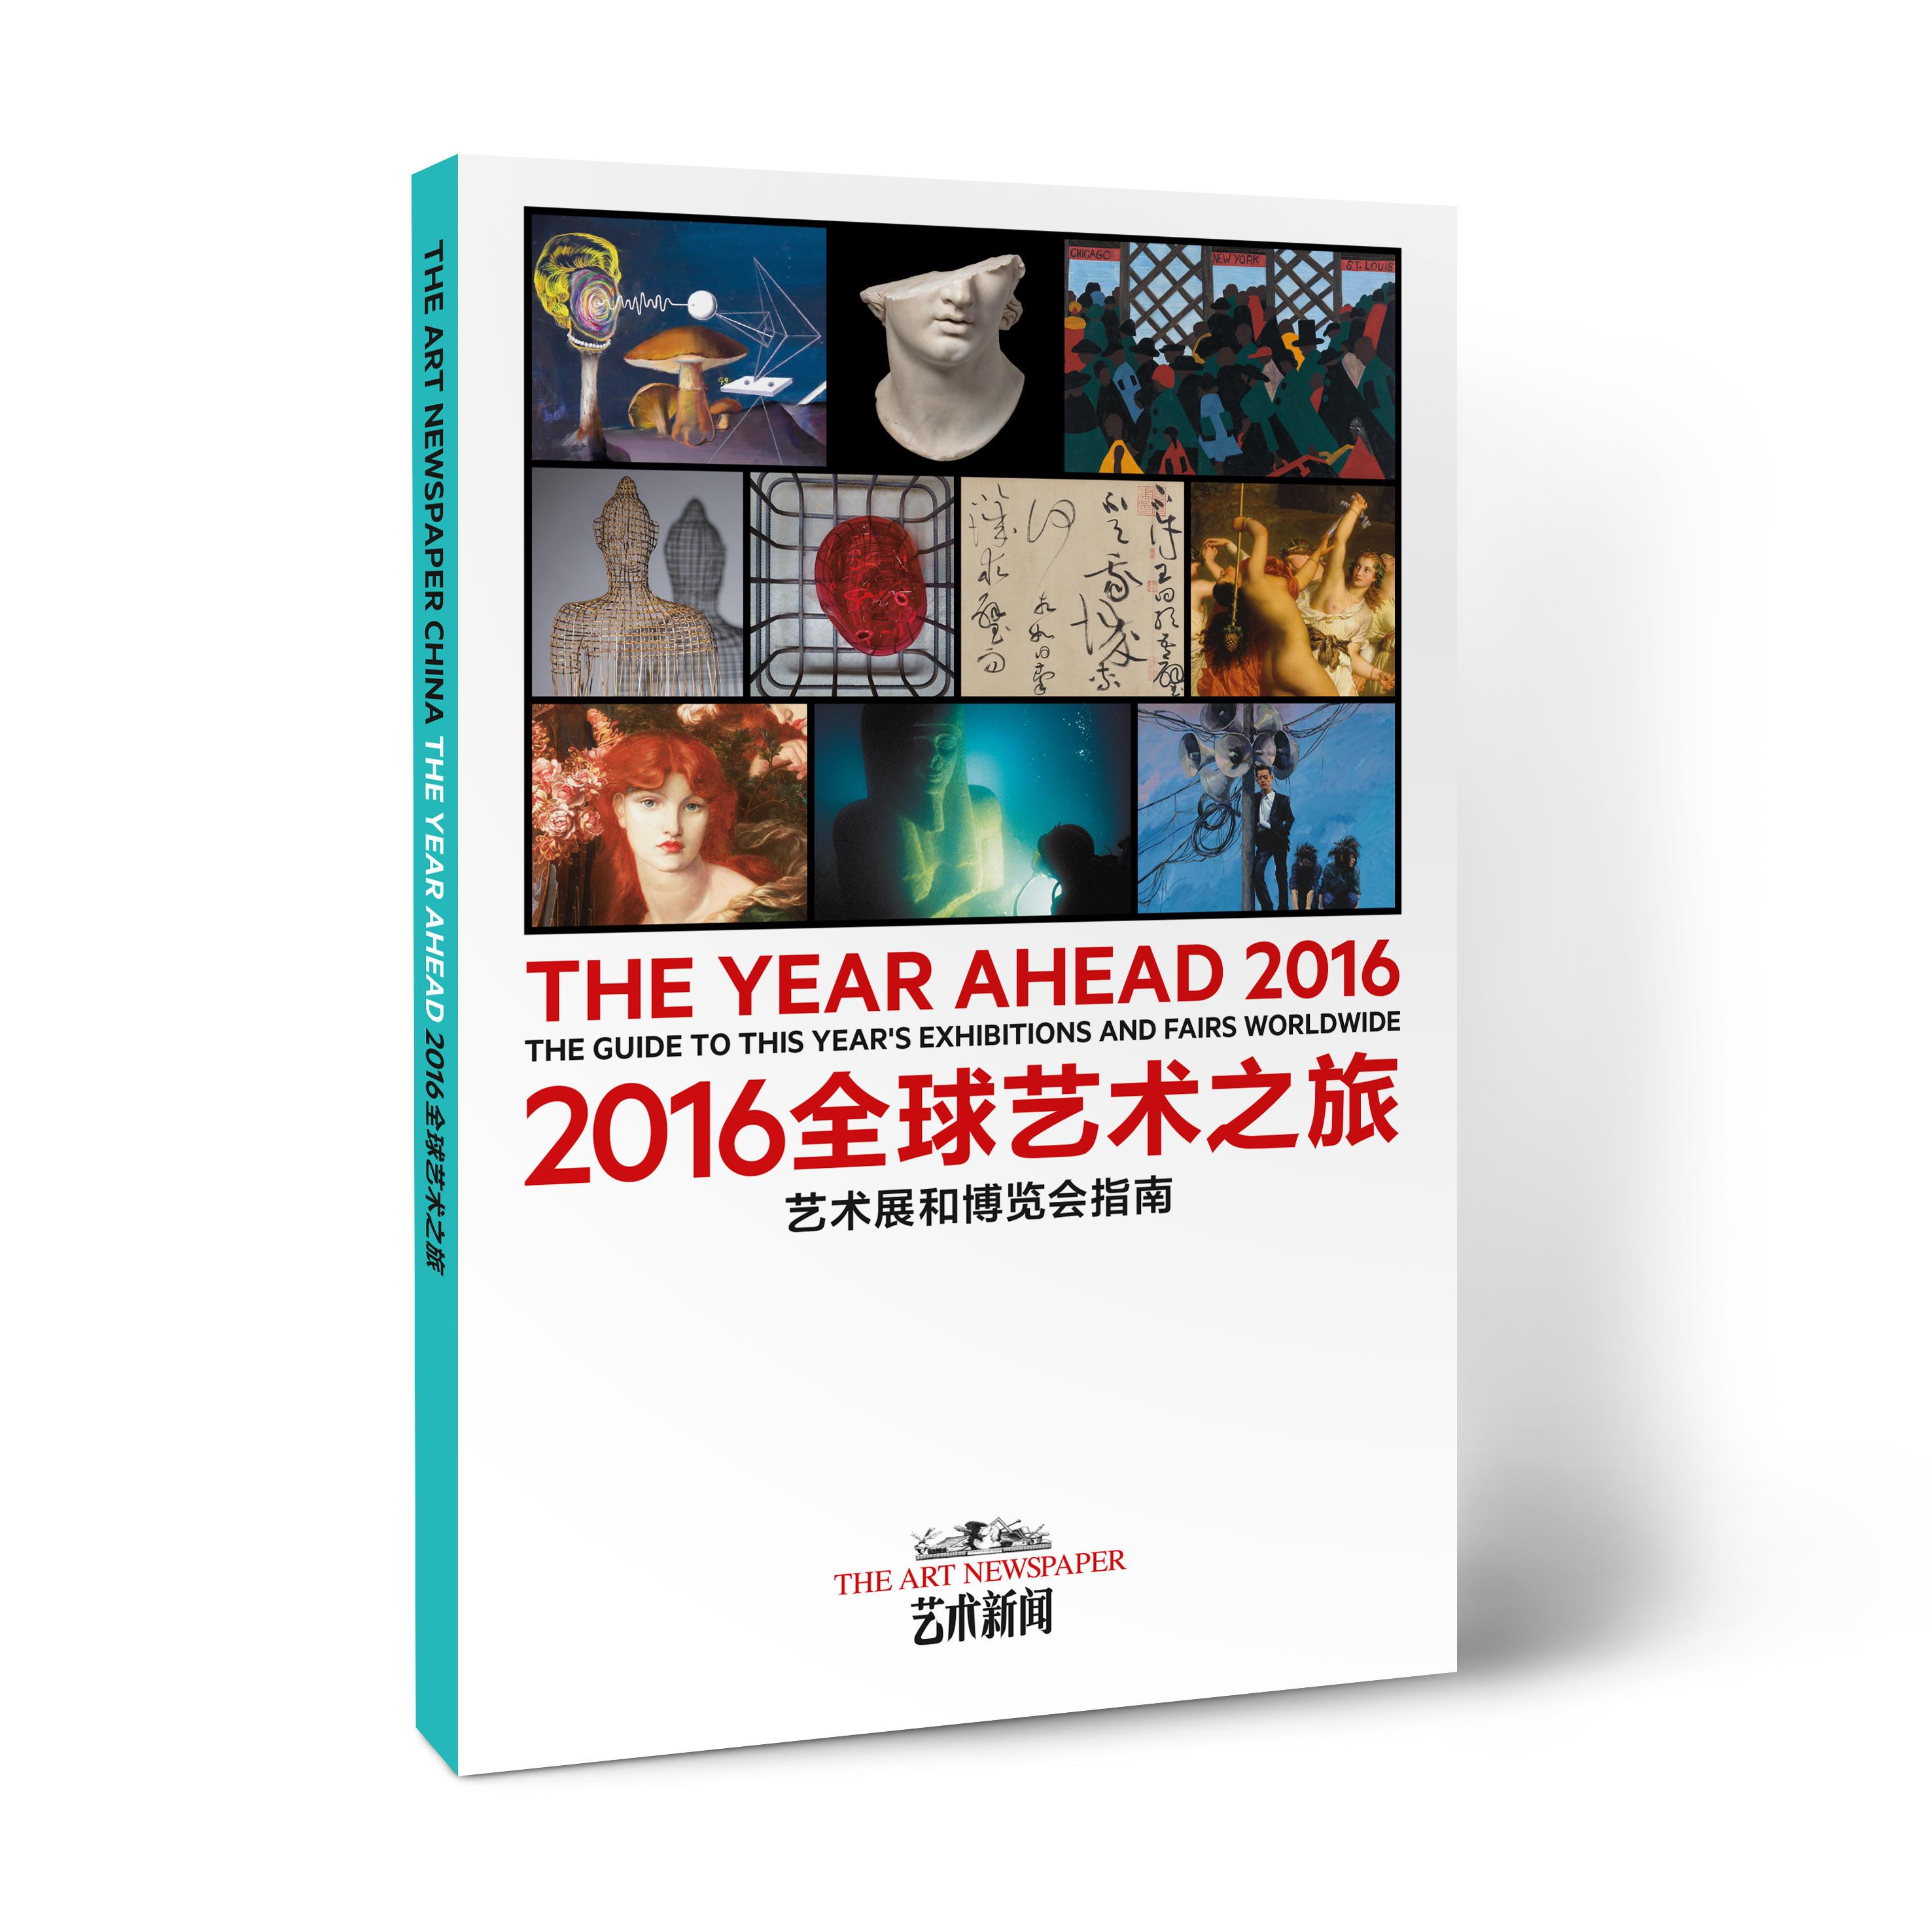 2016 year aheadA__I_a_E_e_-2 (1)